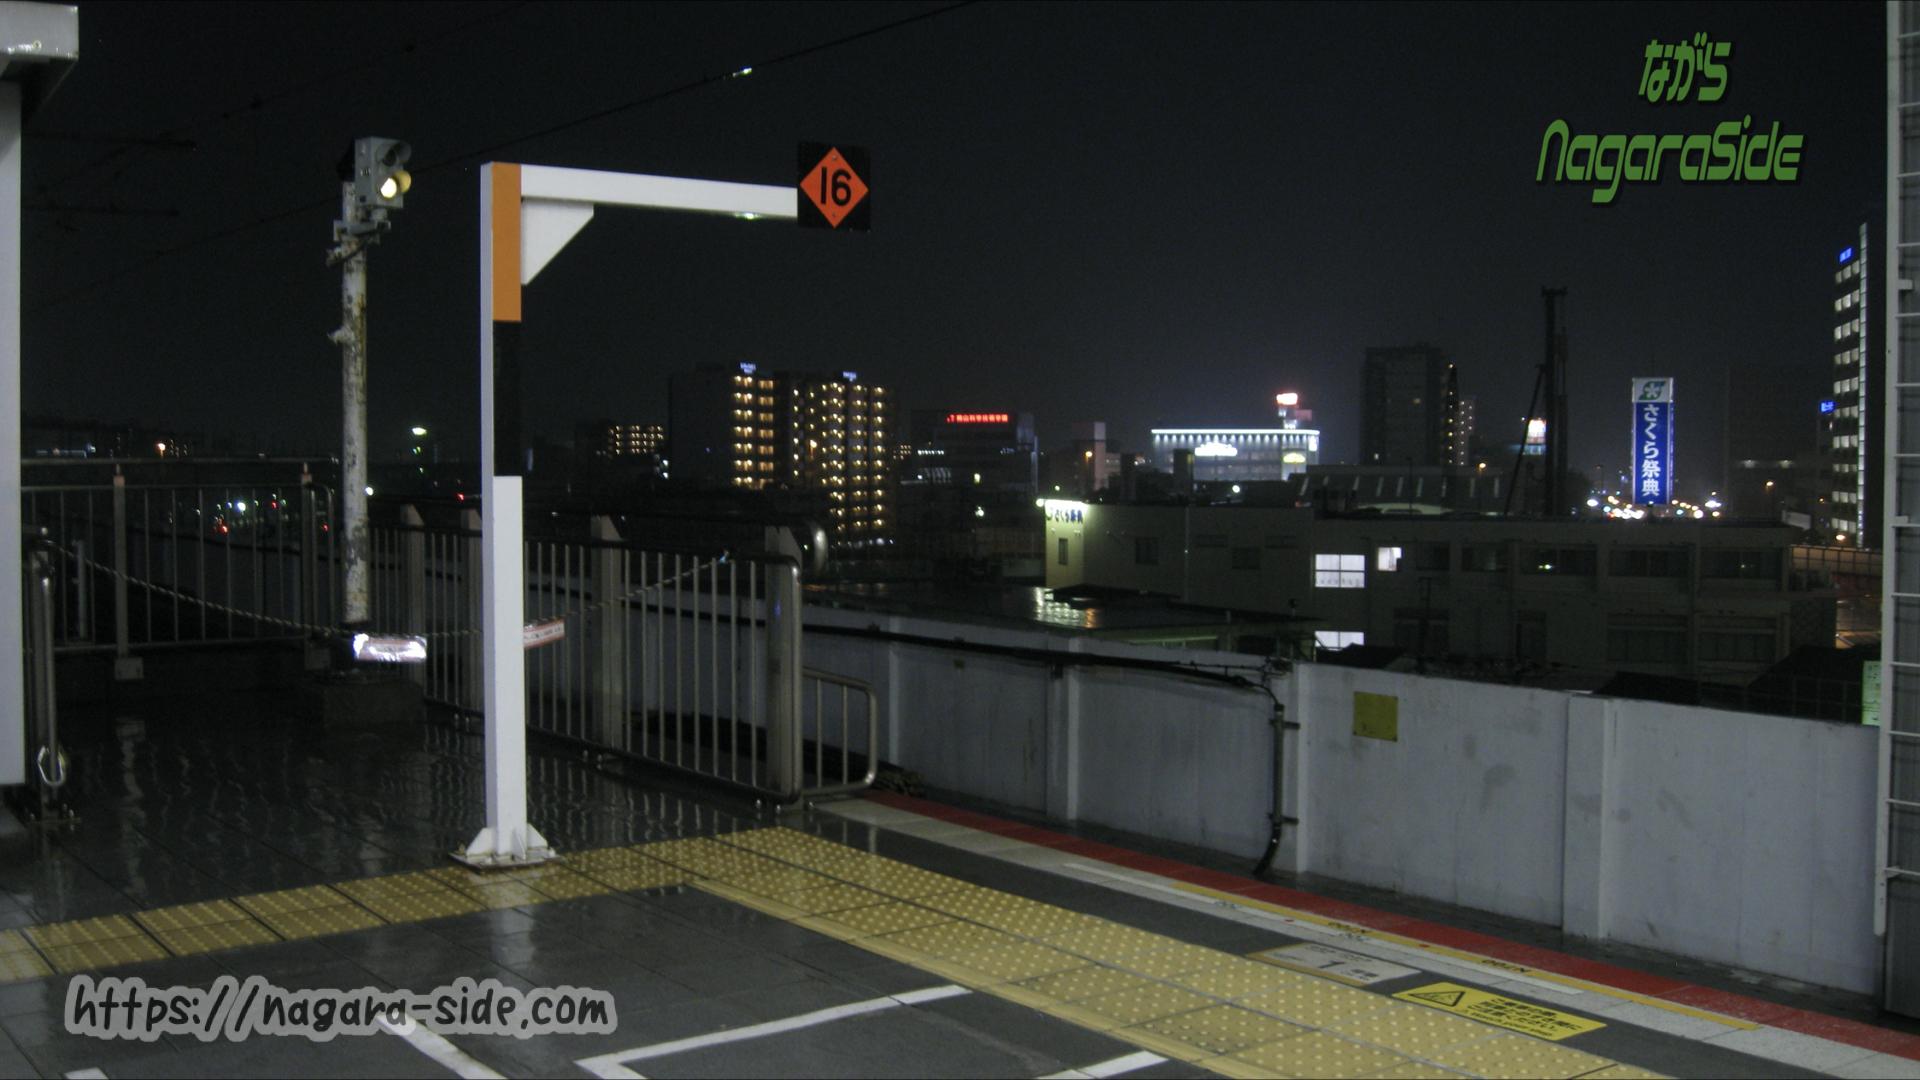 岡山駅新幹線上りホーム博多側にある停止位置目標